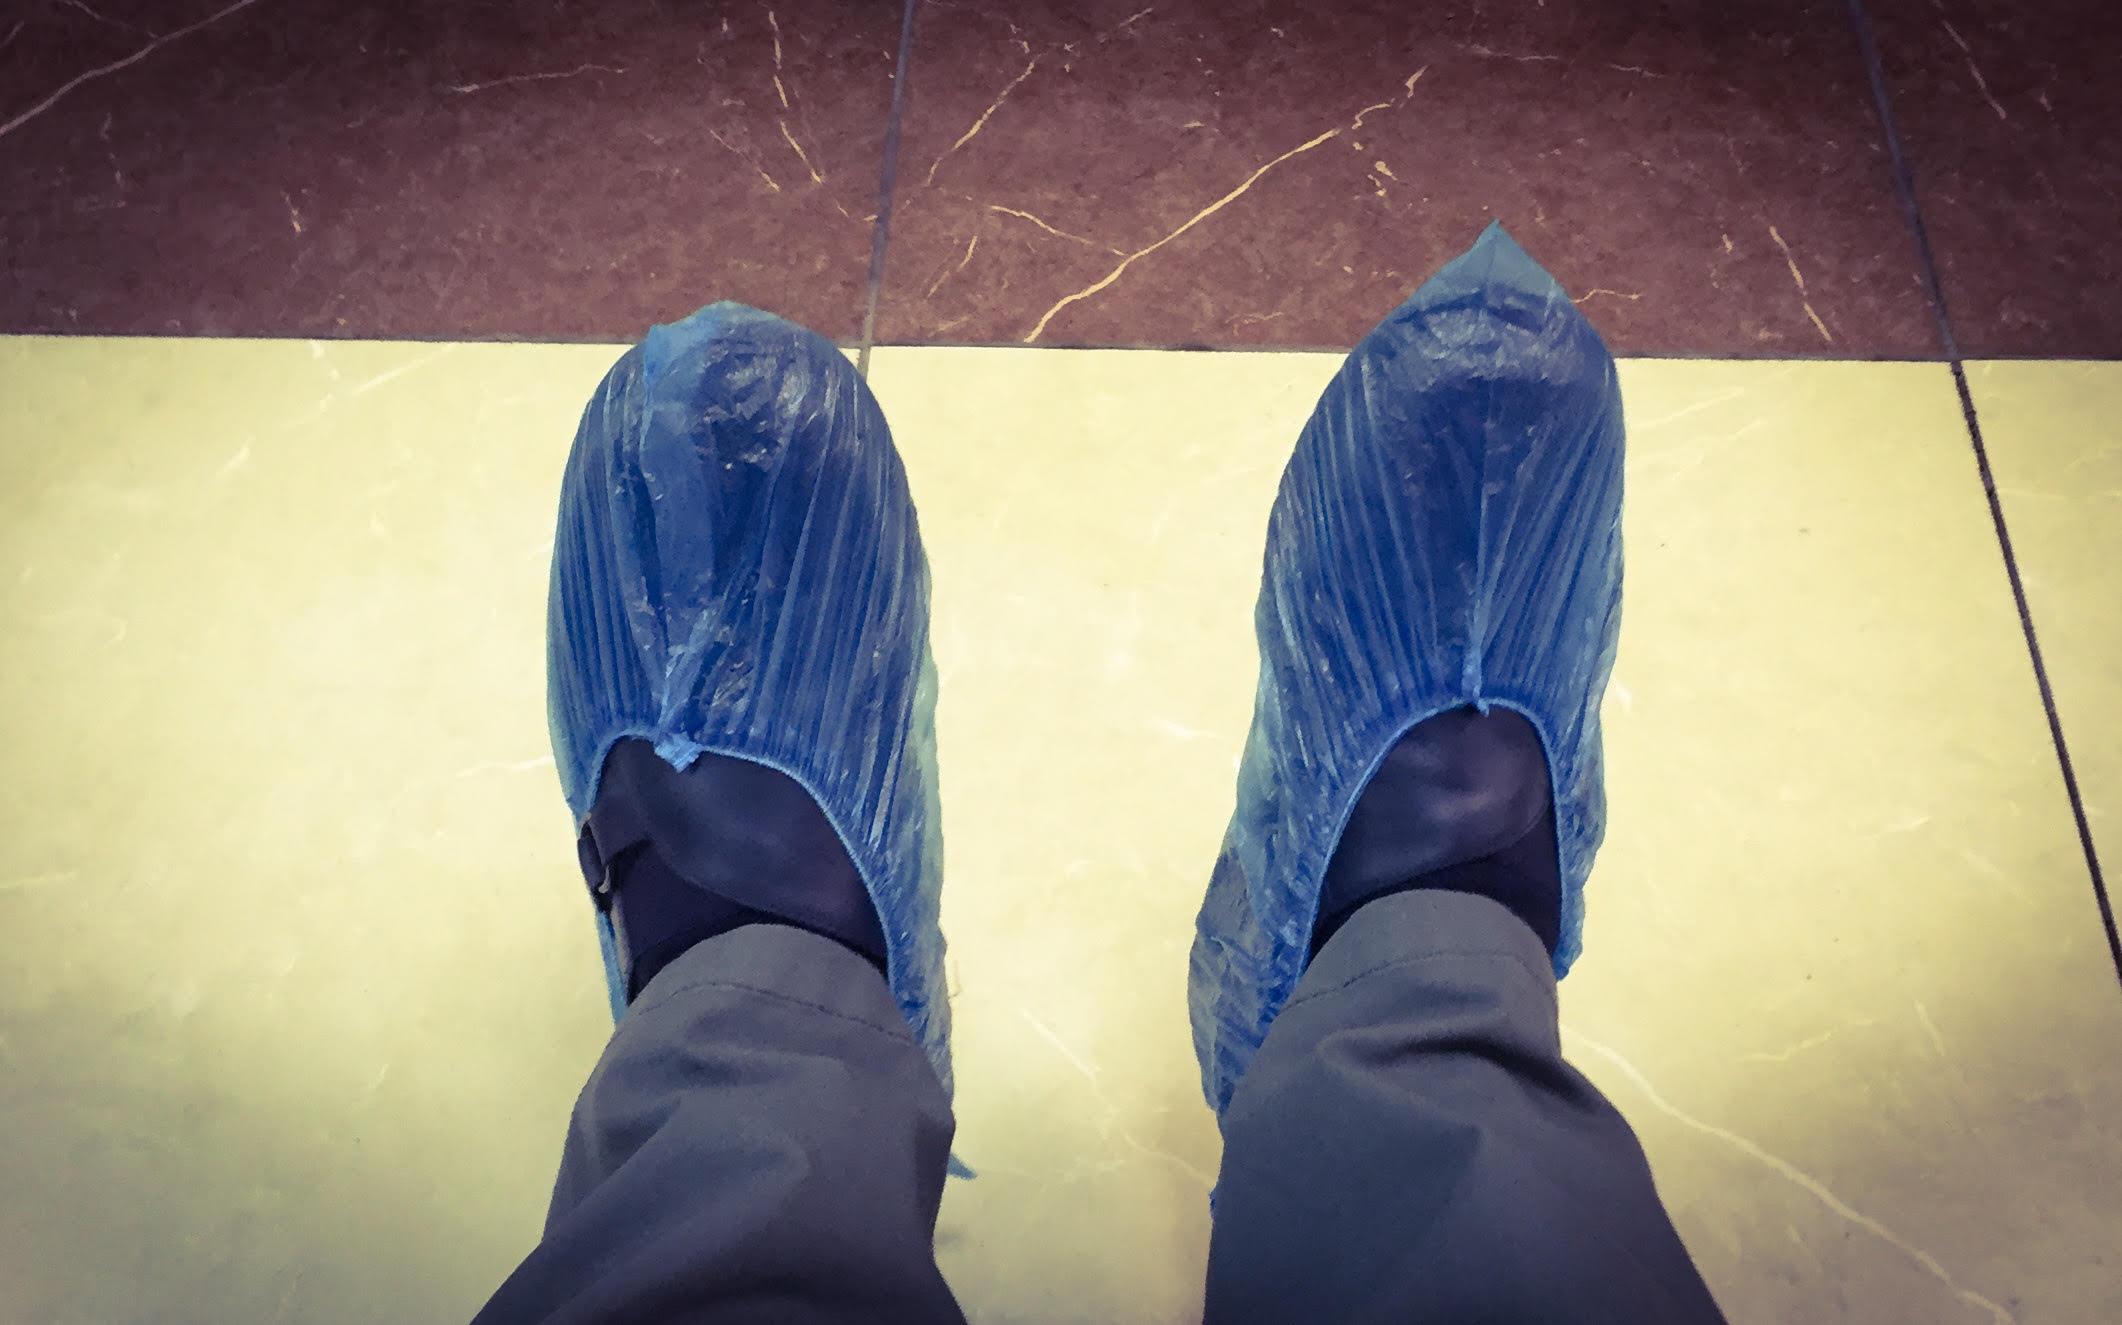 klinik gesundheitszeugnis füße moskau